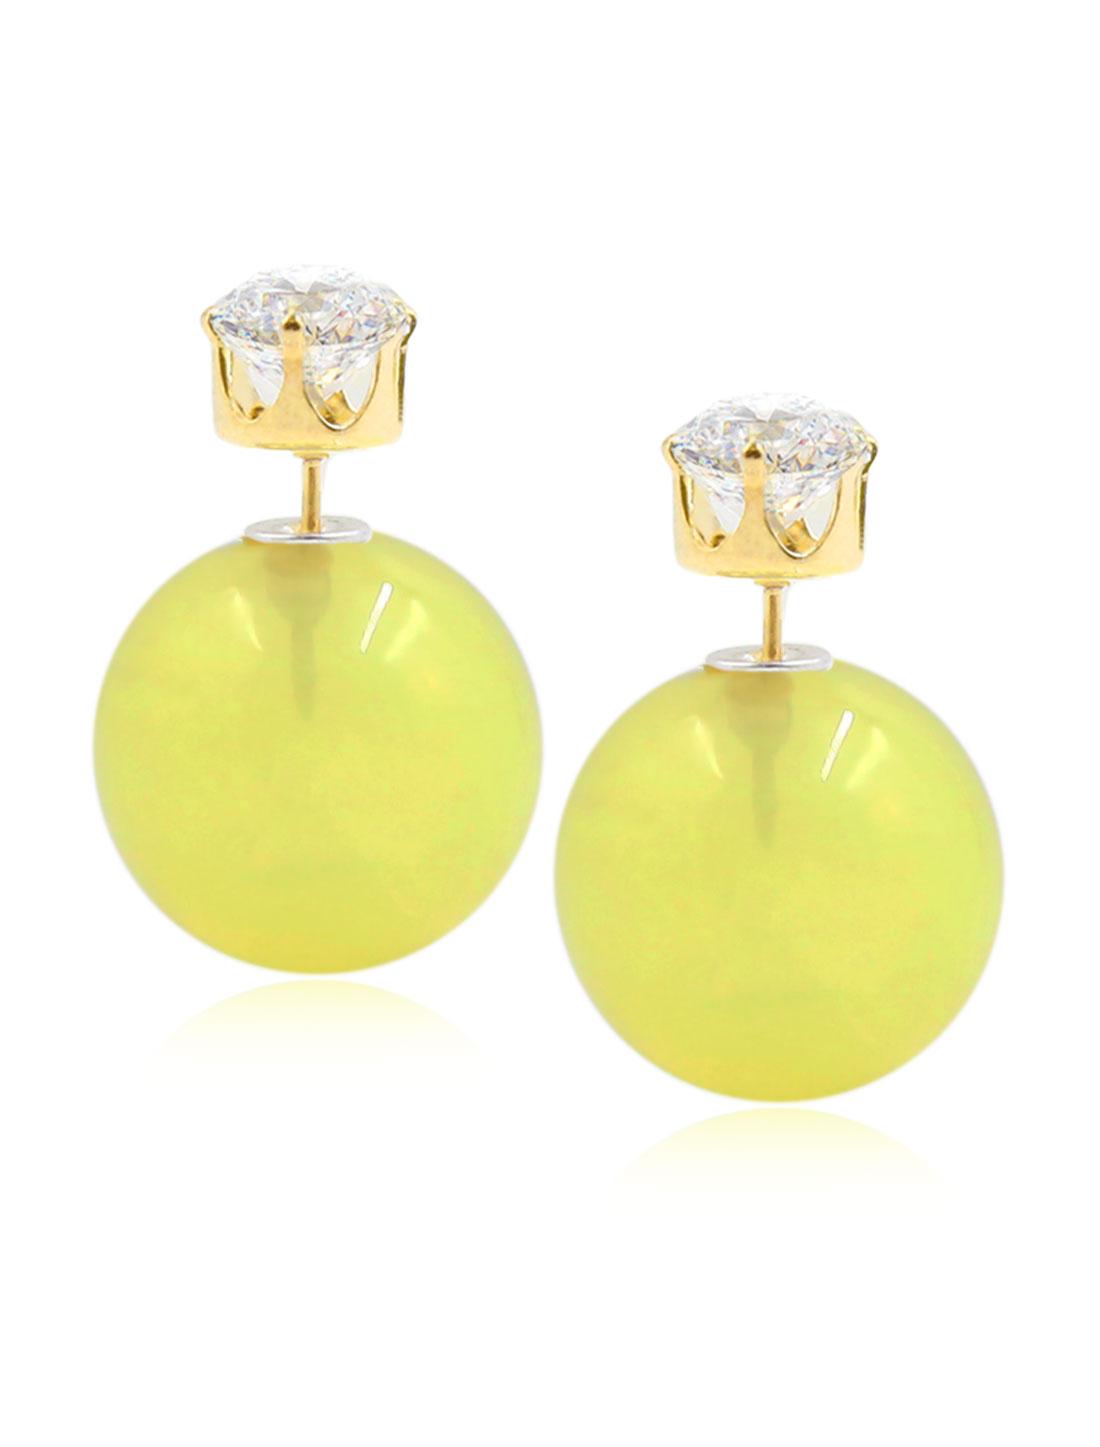 Fashion Women Elegant Double Sides Zircon Ball Earrings Ear Stud 1 Pair Yellow